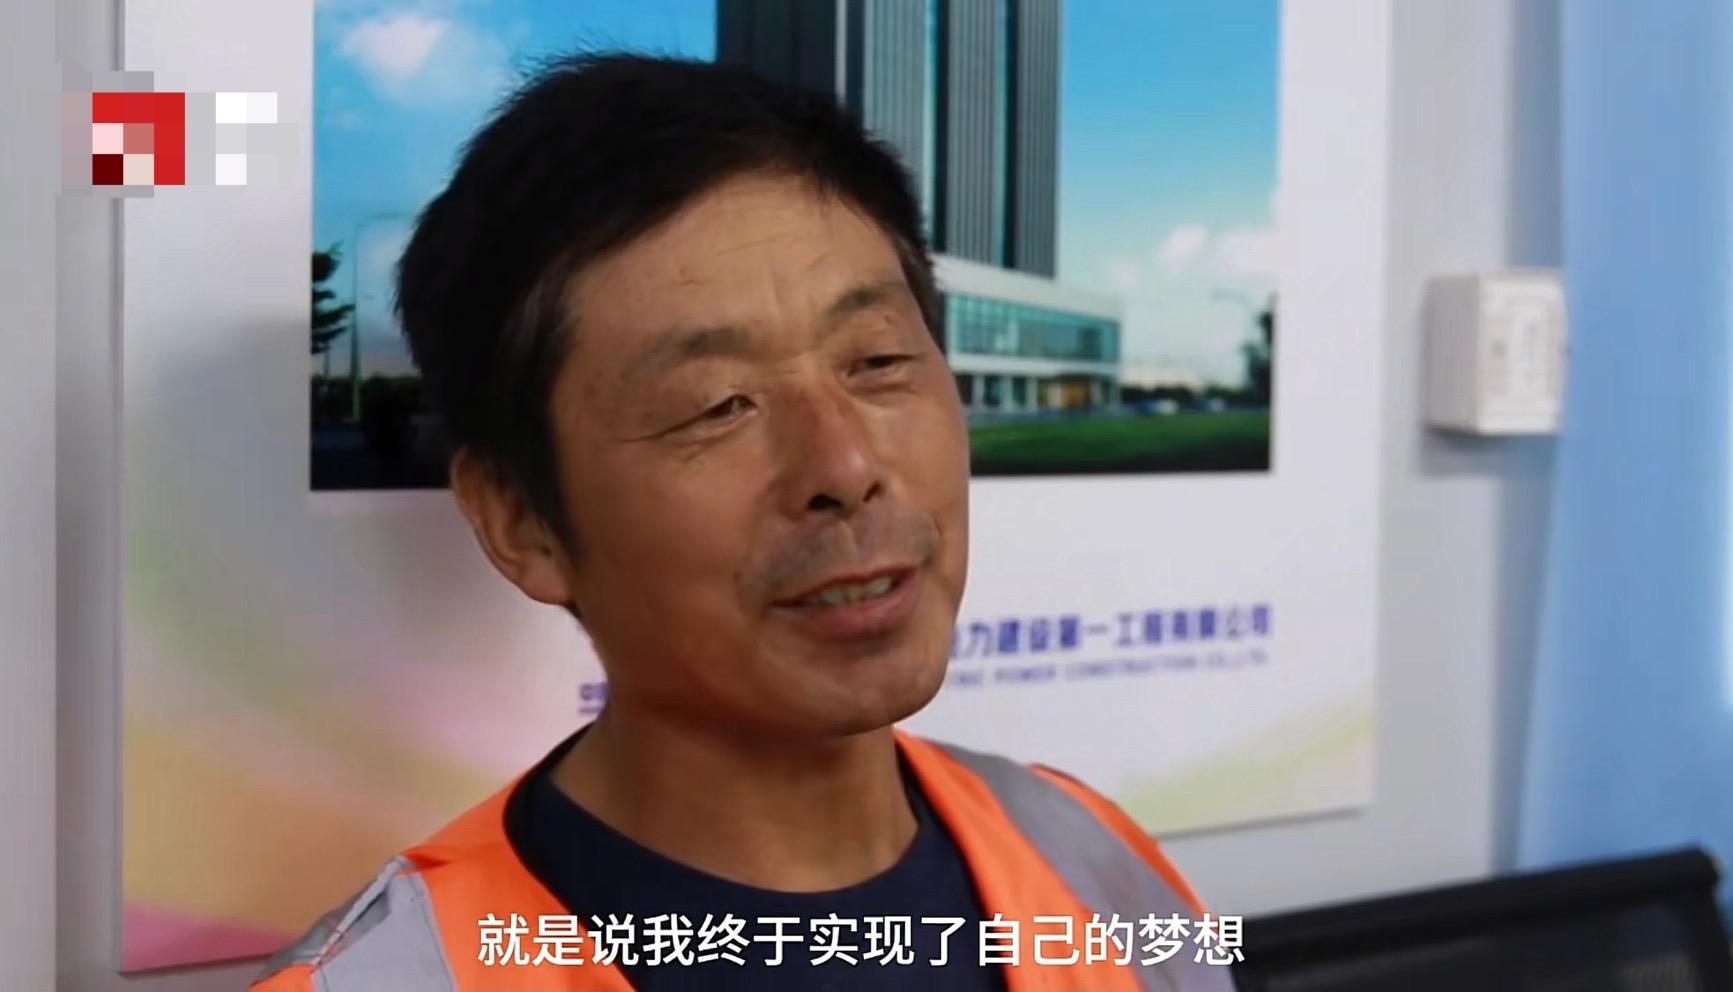 51岁高考54岁大学毕业,山东一泥瓦工拿到毕业证后,重回工地打工赚钱